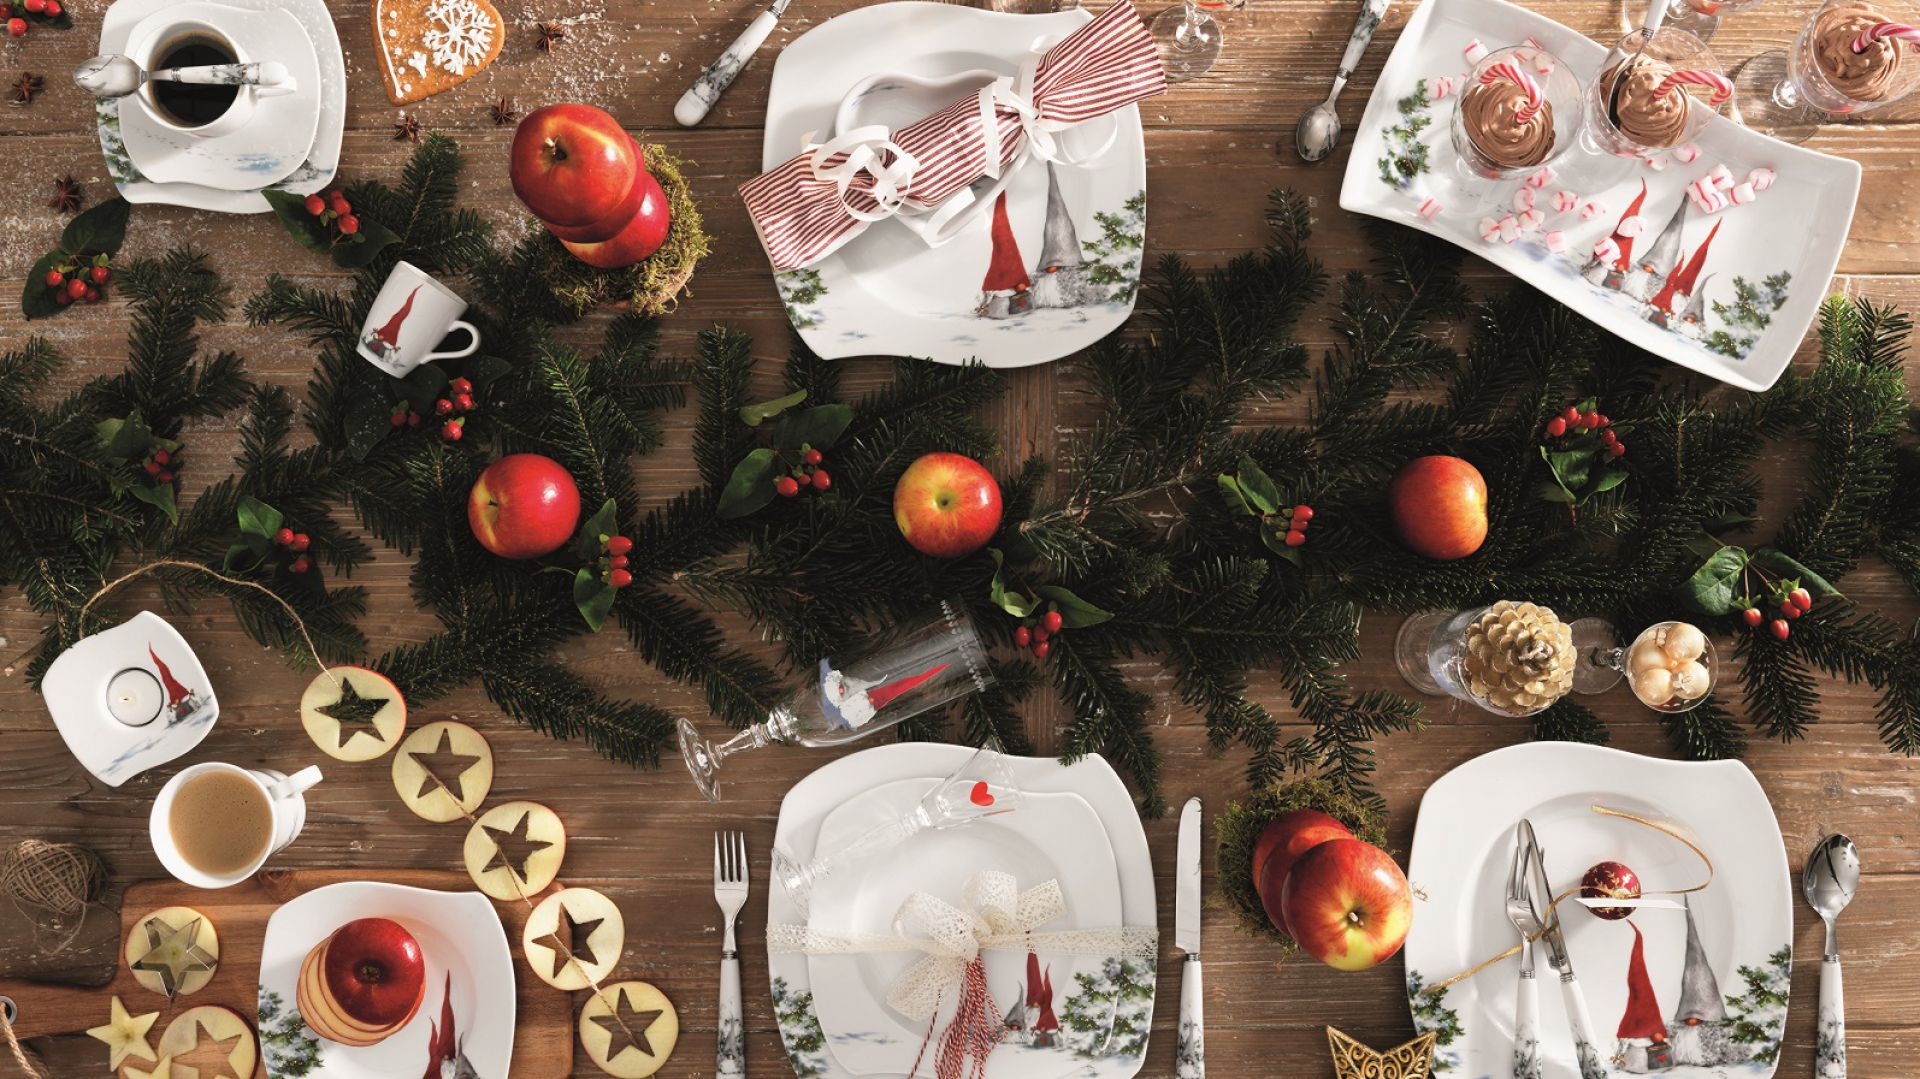 Aranżacja stołu na święta, serwis: Asas Christmas Red. Fot. Fyrklövern